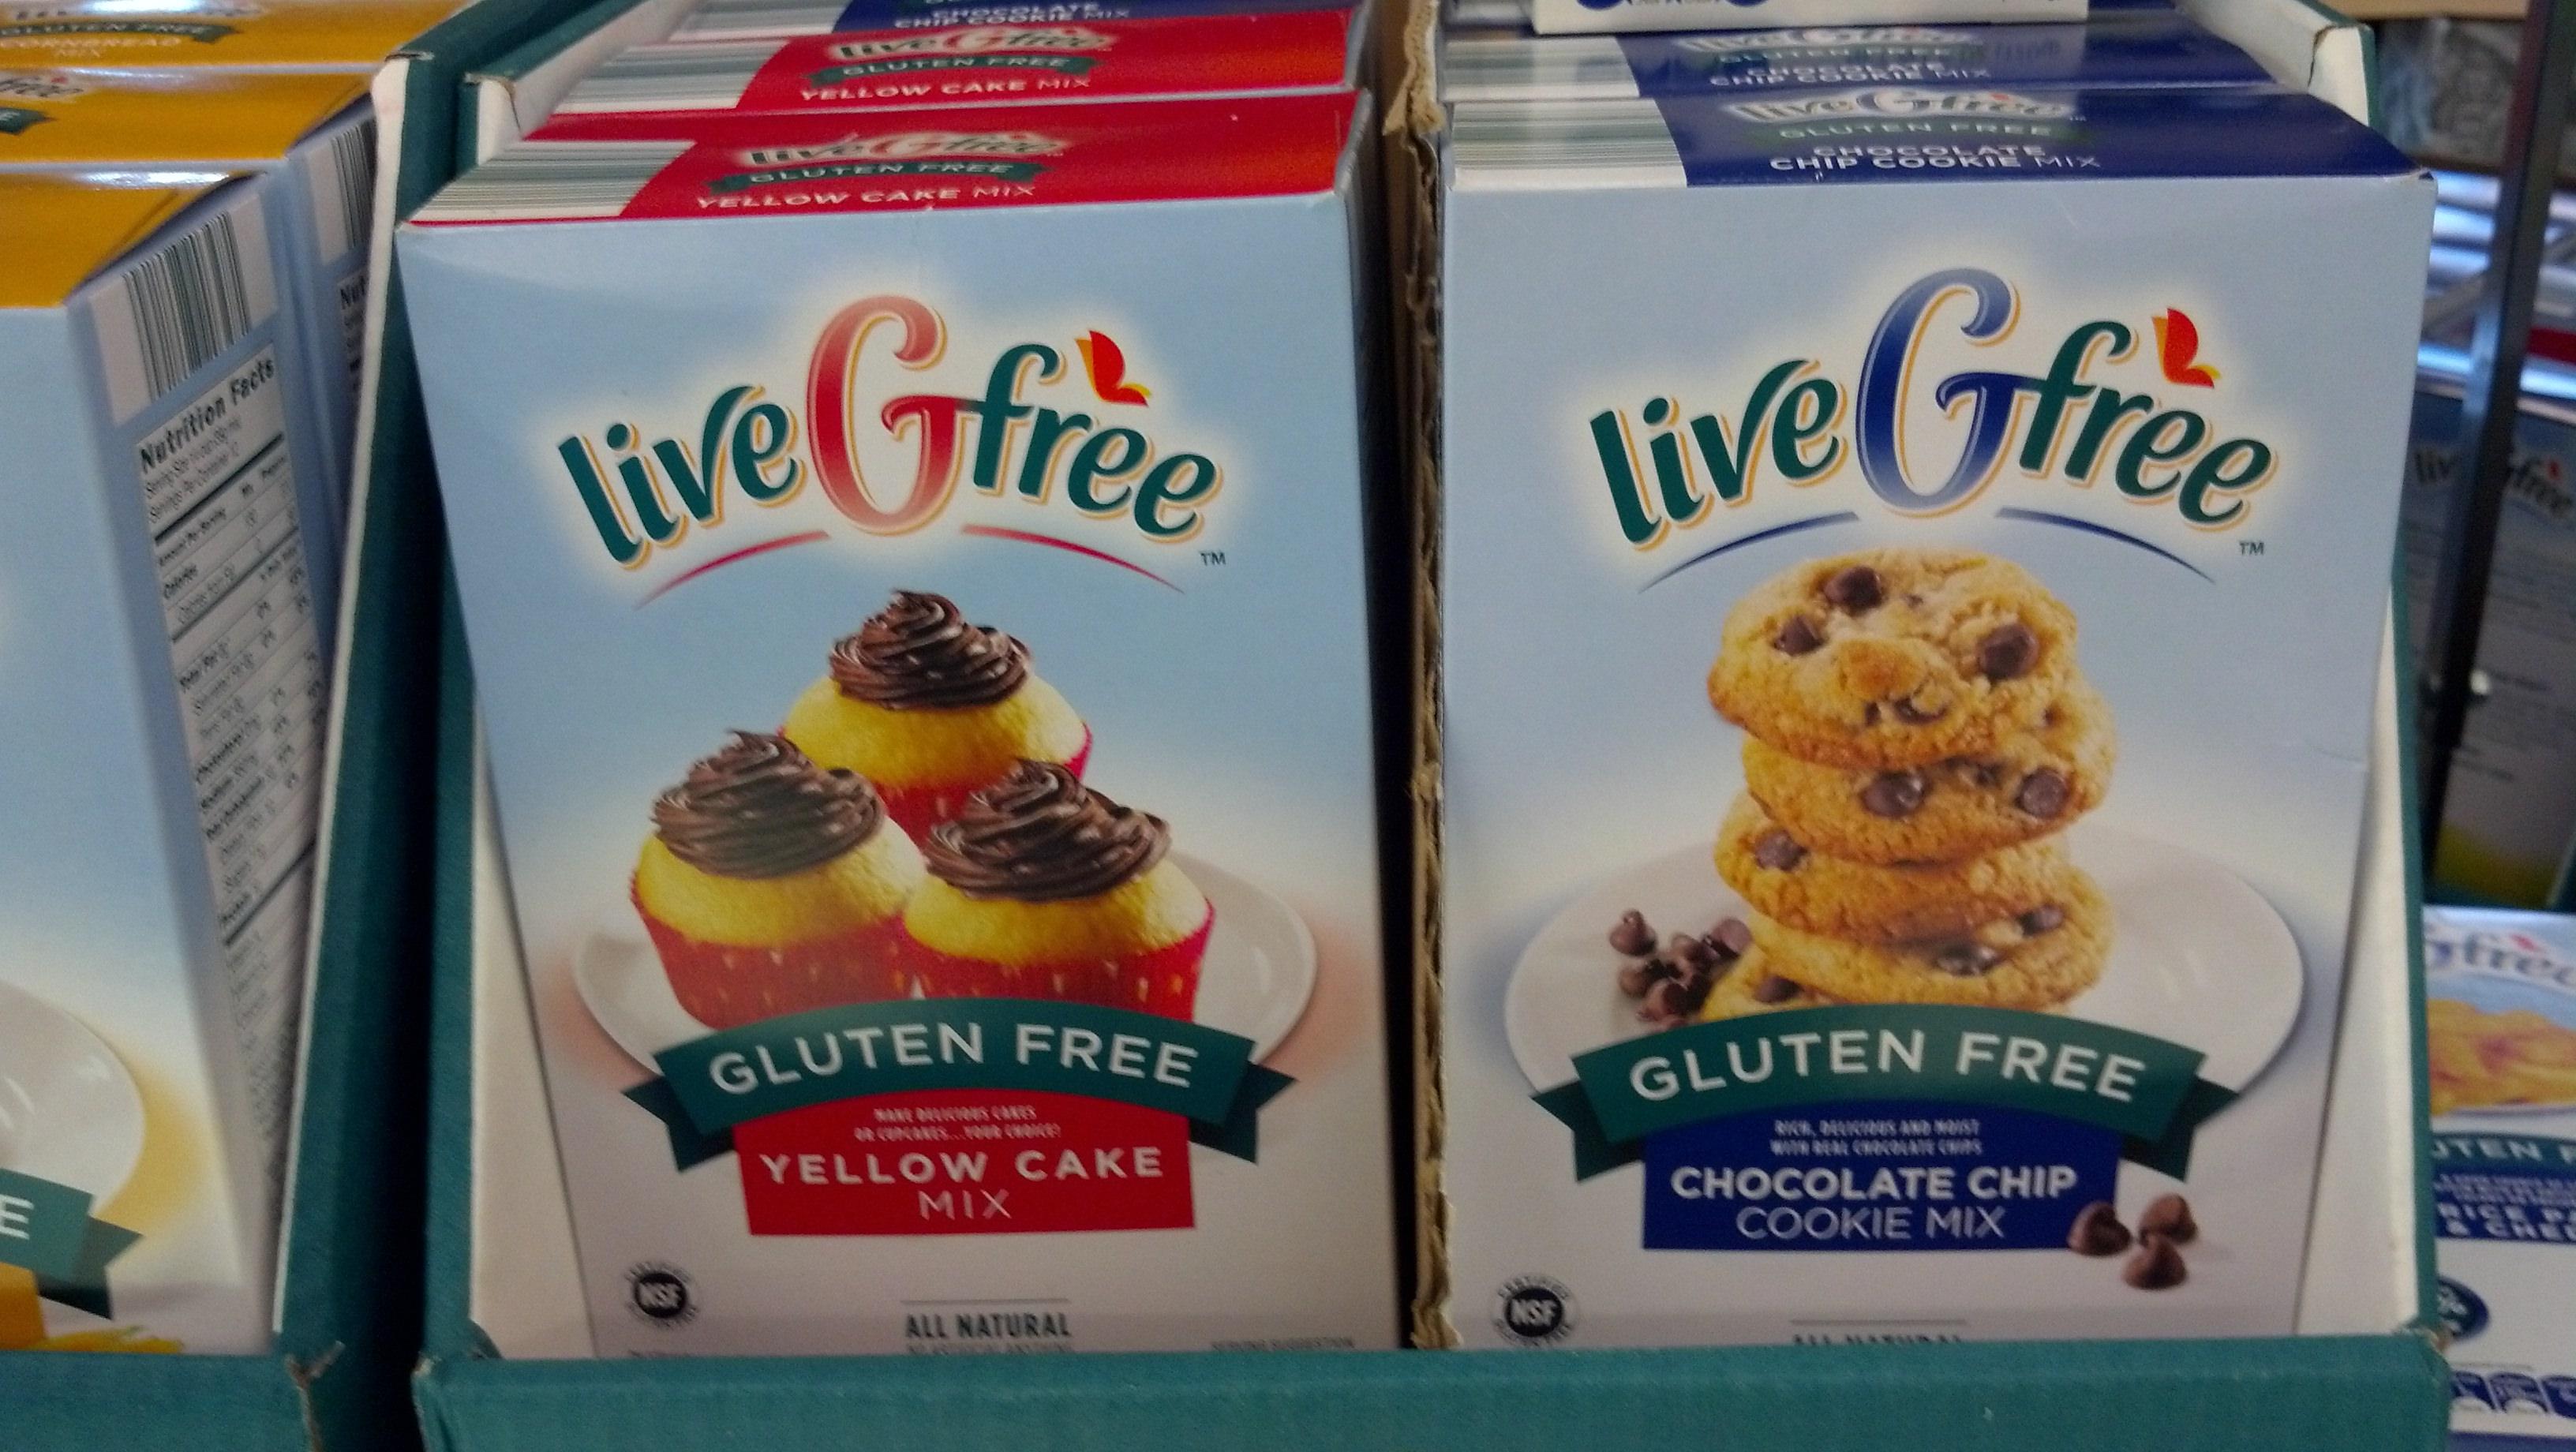 Aldi's Gluten Free Mixes